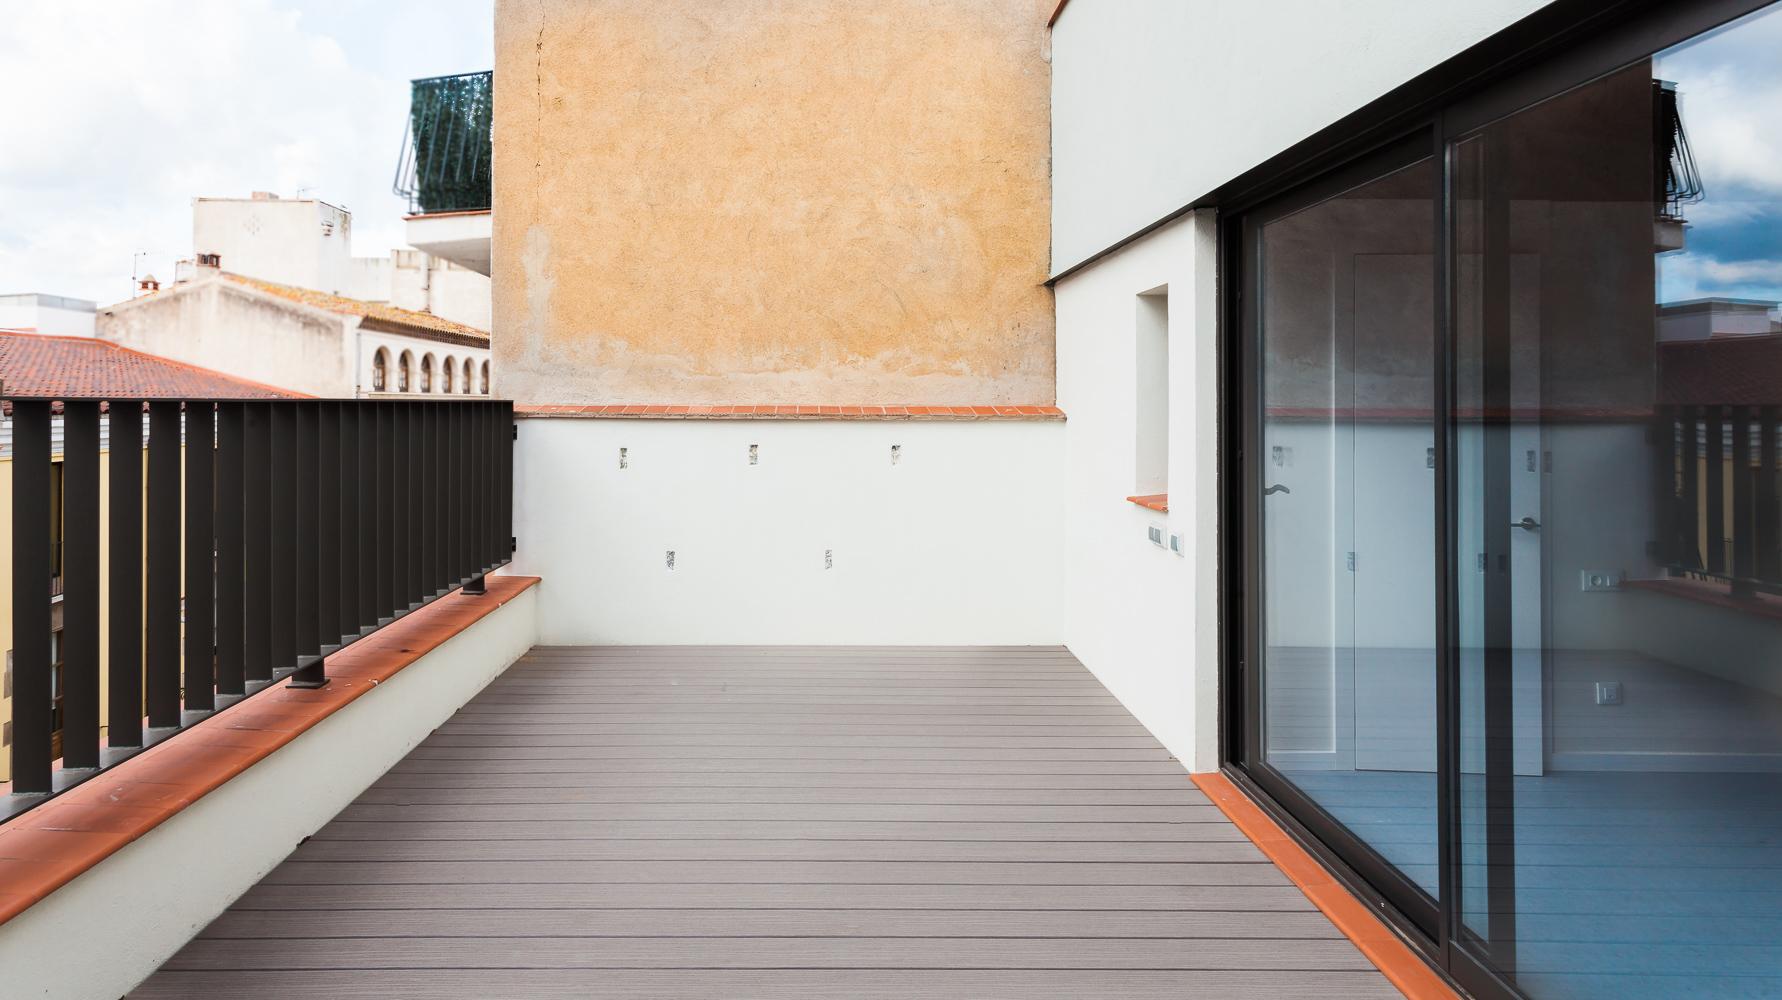 REHABILITACIÓ-CASA-LOCAL-COMERCIAL-blanes-terrassa